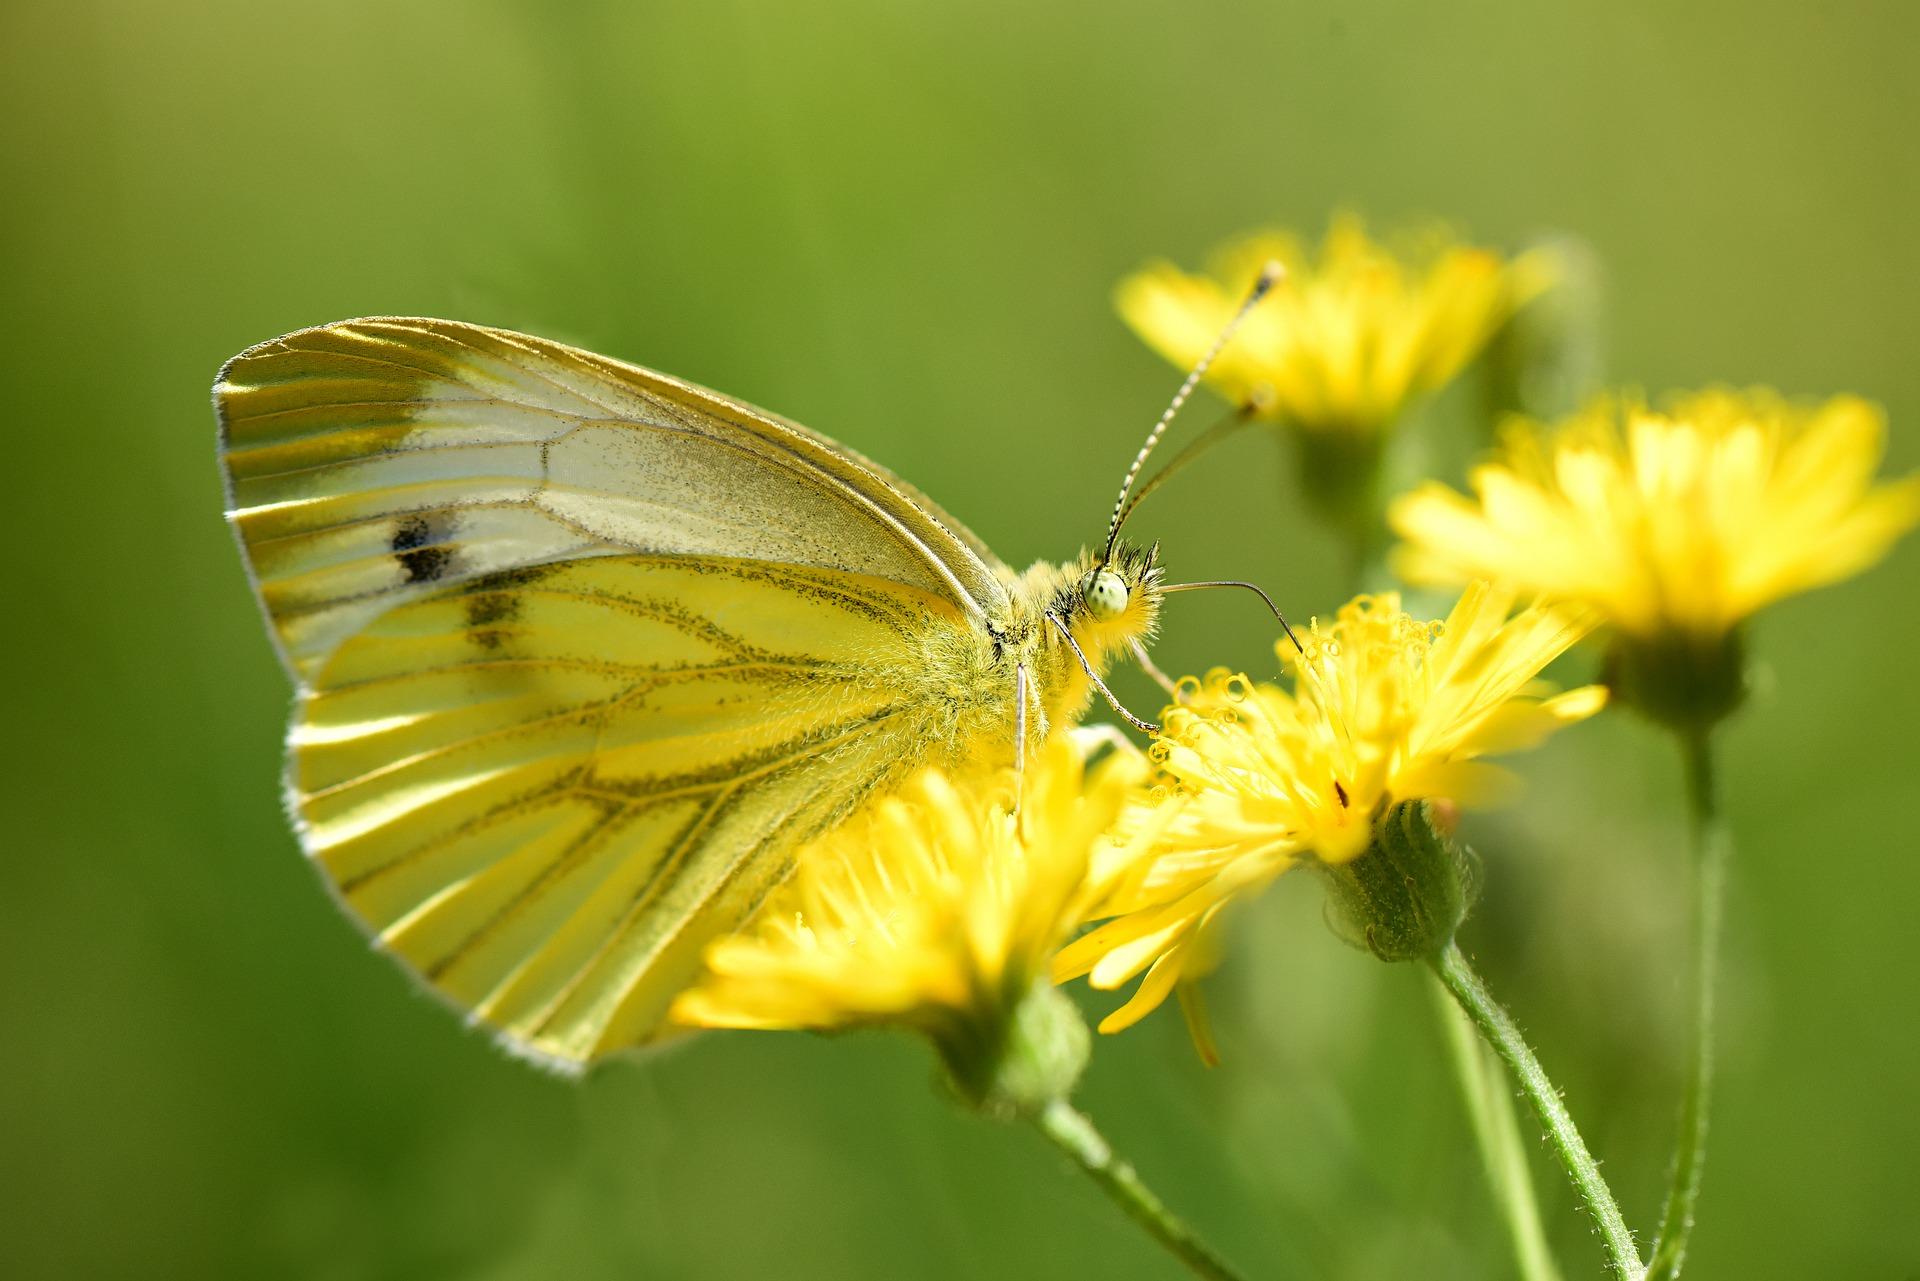 Les insectes butineurs adorent le pissenlit pour toutes ces fleurs avec pollen et nectar qui les nourrissent tôt dans la saison.